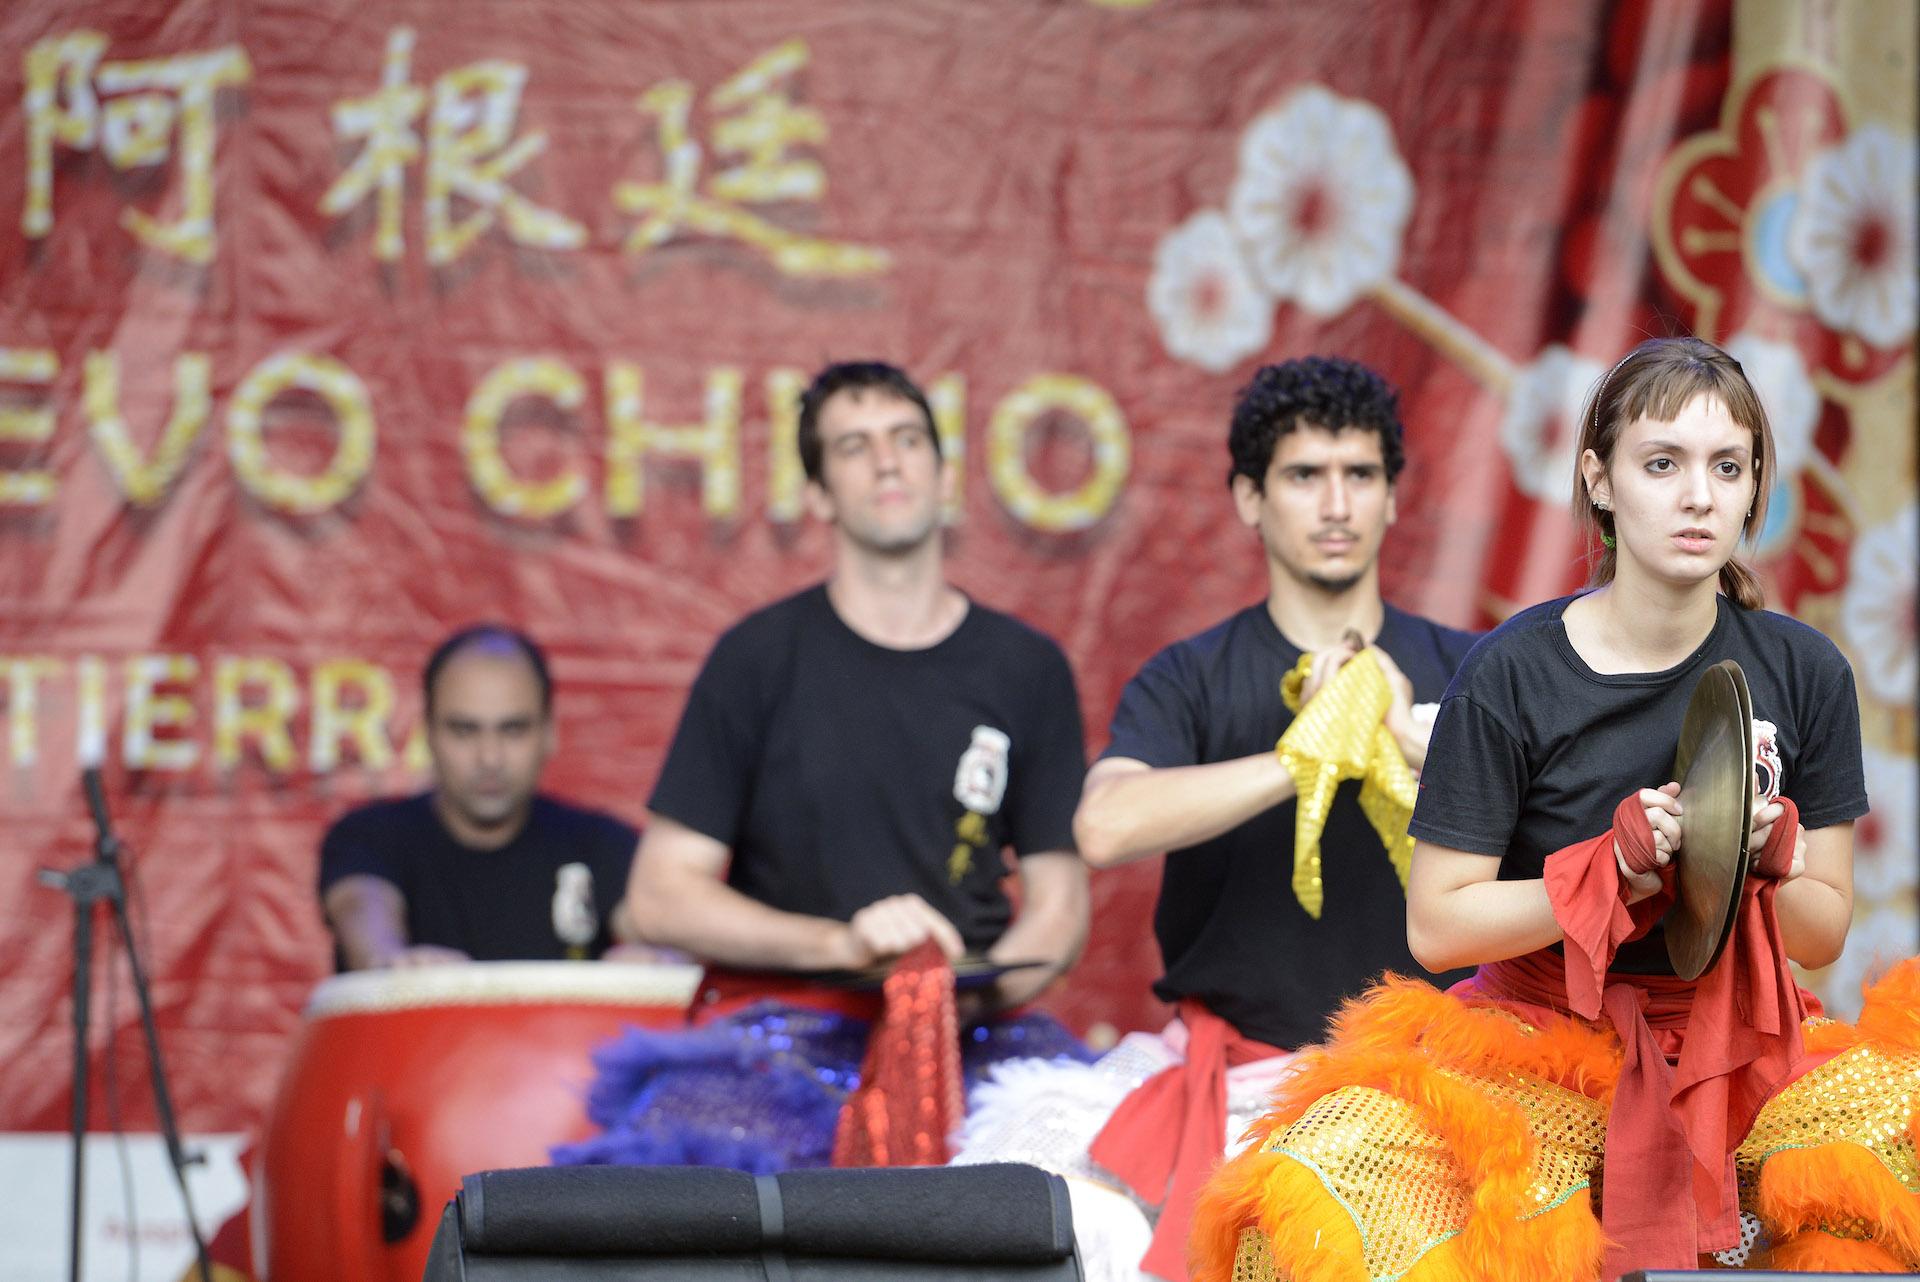 Danzas típicas, conciertos instrumentales y vocales y una exhibición de artes marciales fueron algunos de los shows.